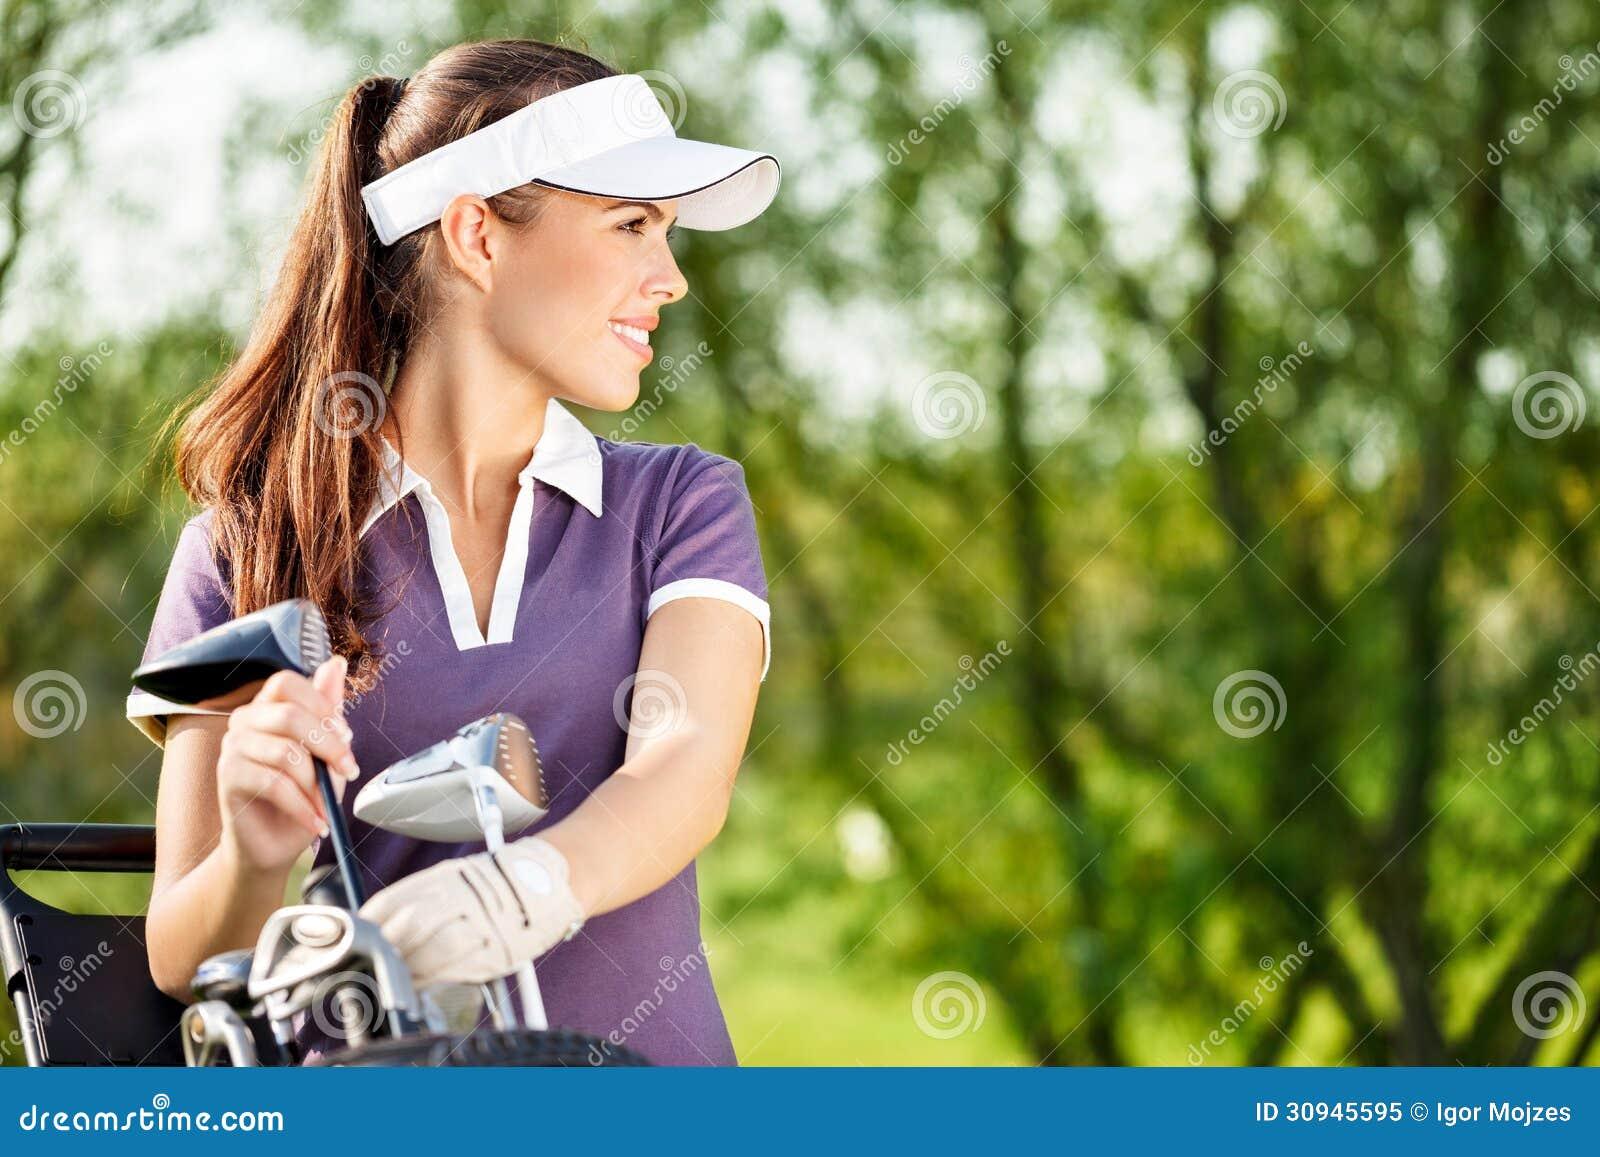 Женский игрок в гольф